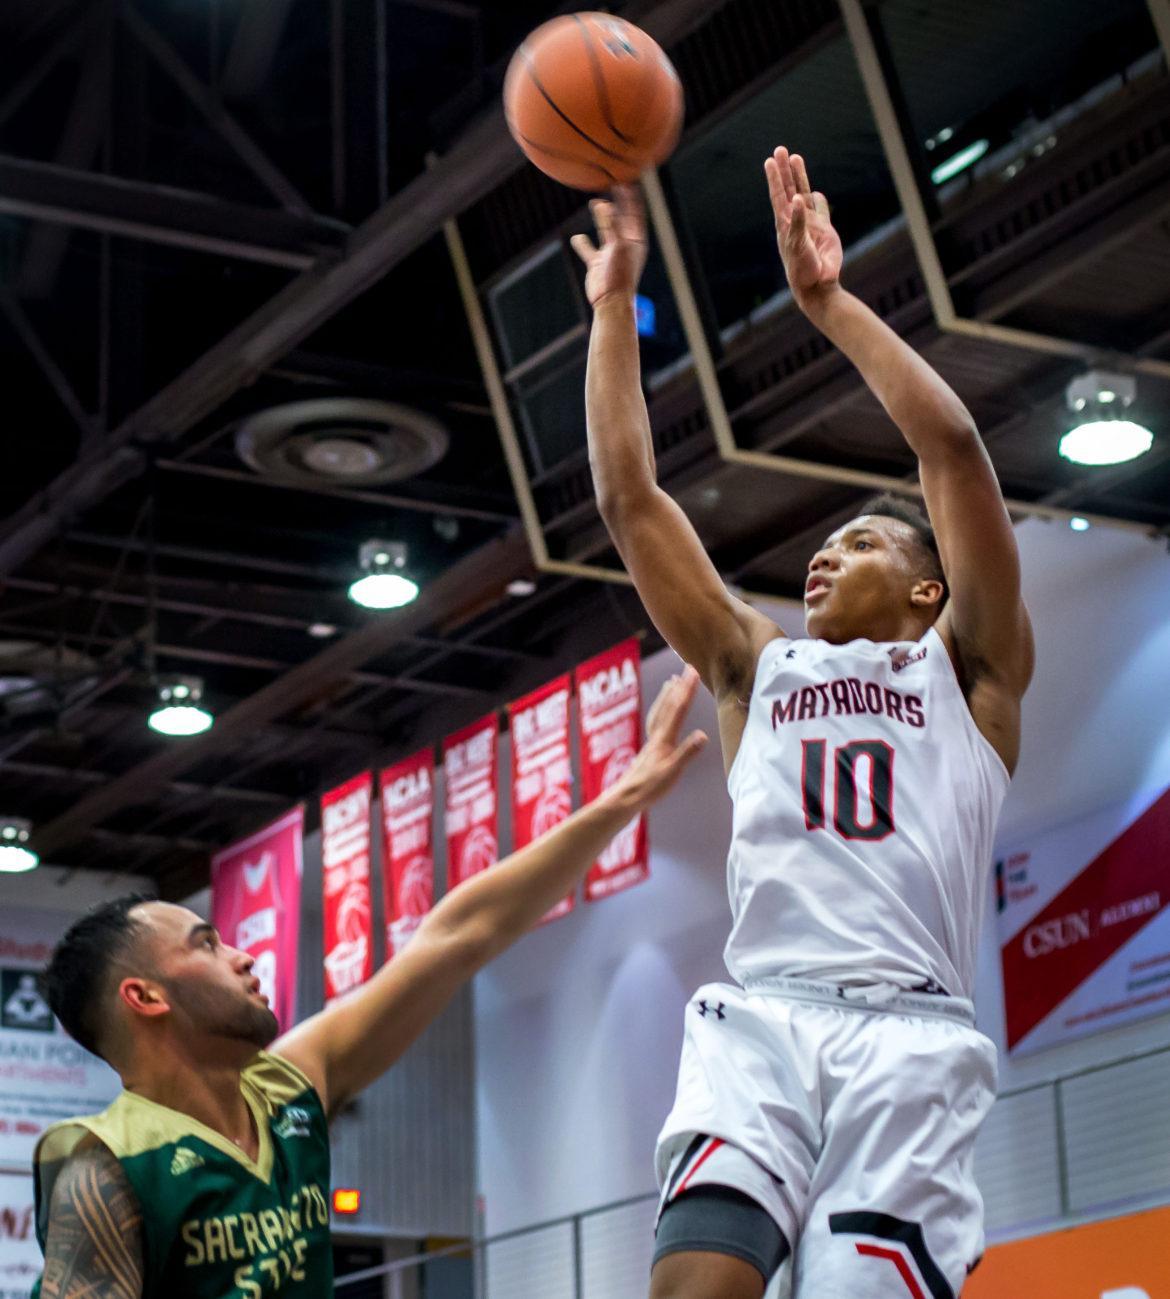 A+CSUN+Men%27s+basketball+player+making+a+jump+shot